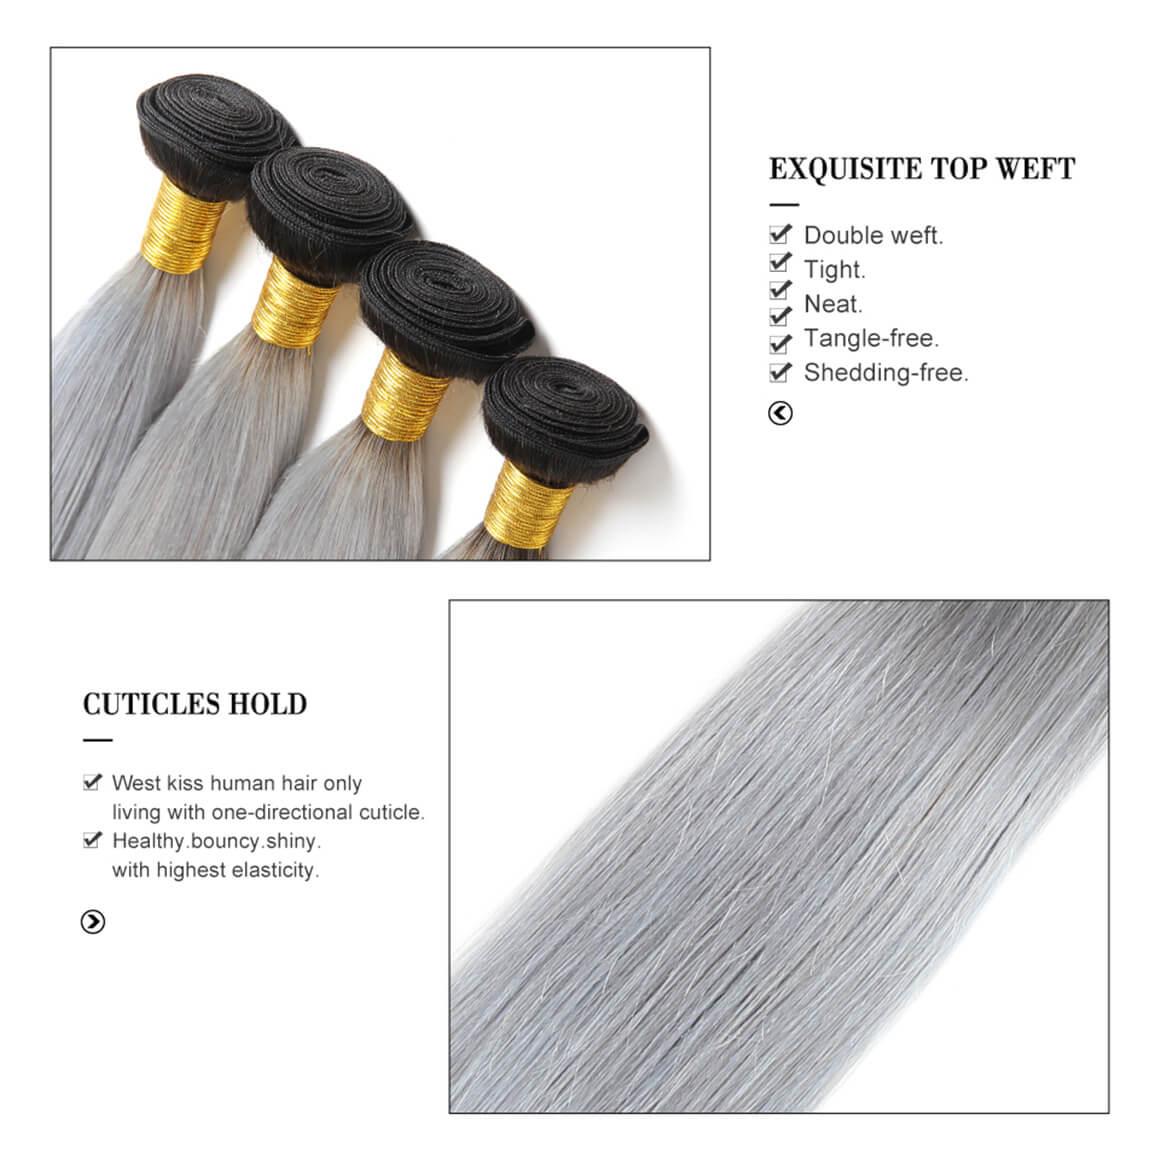 Brzailian Human Hair